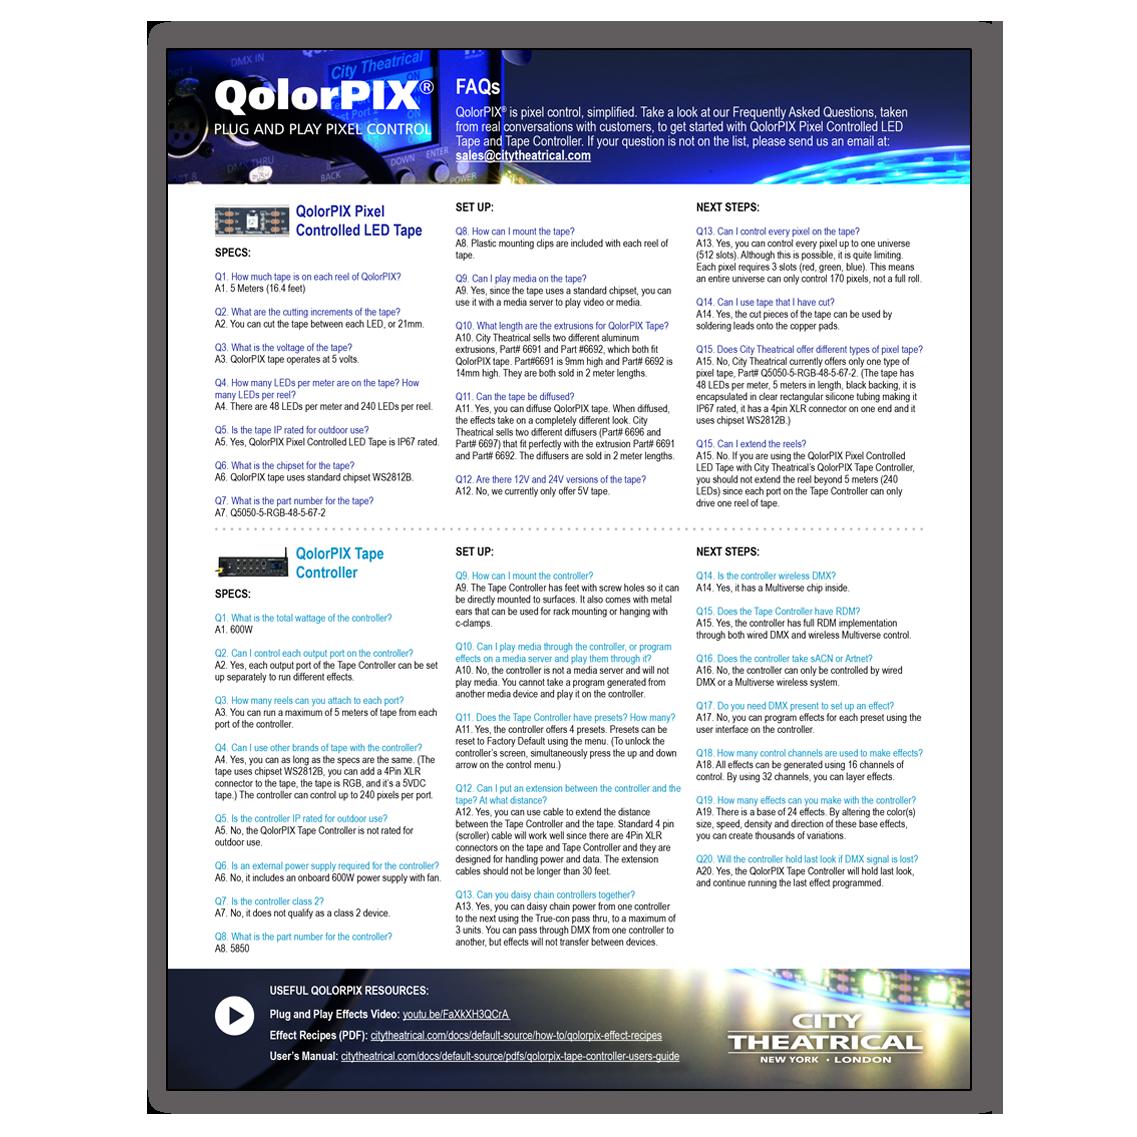 QolorPIX FAQs